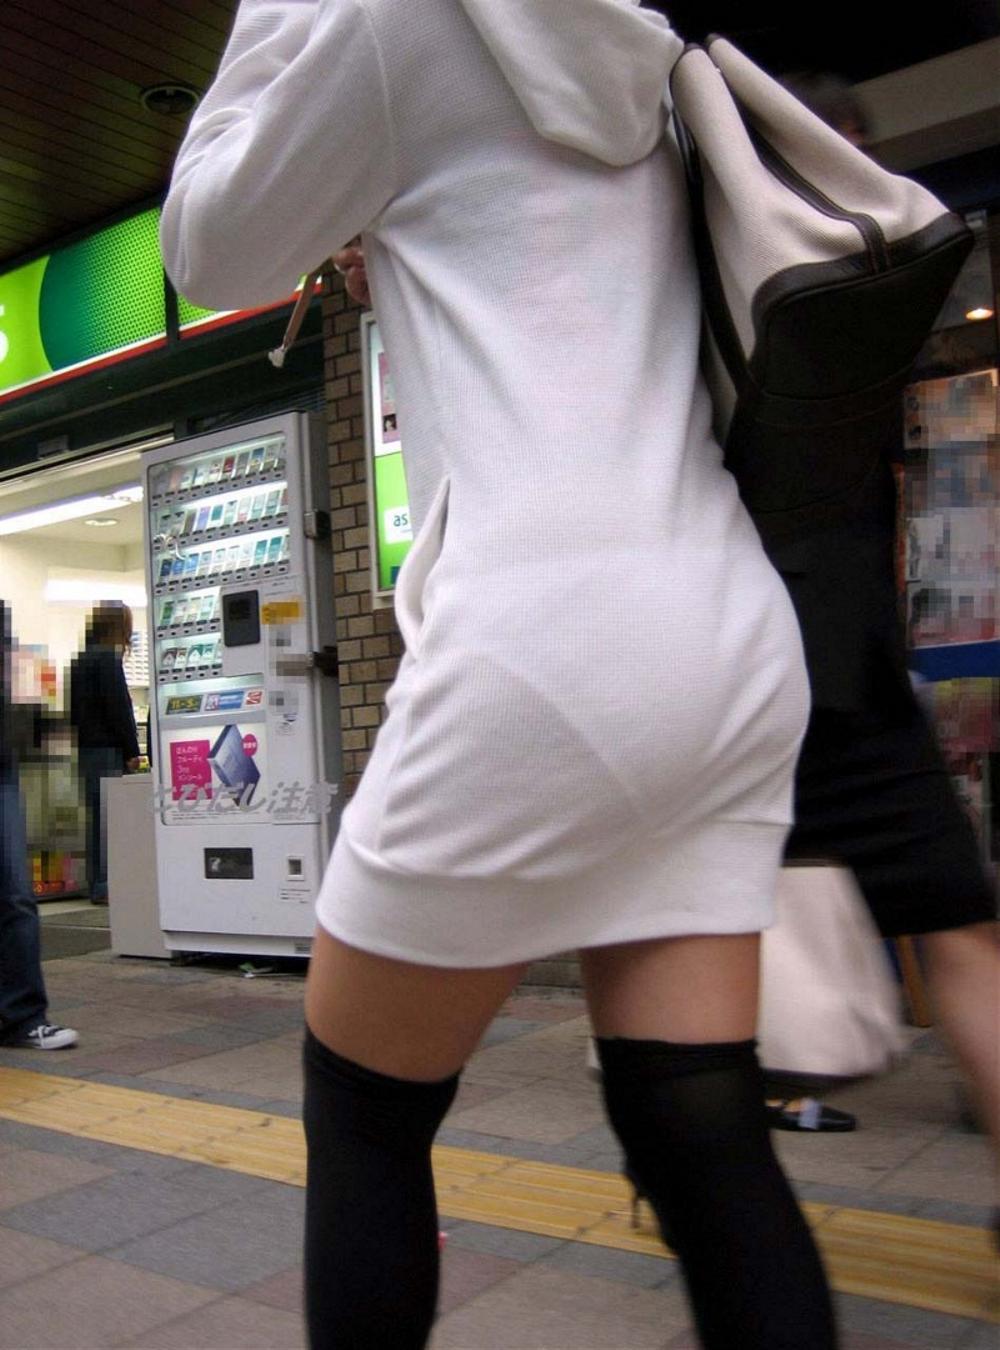 パンツが透けまくりな素人女子 (5)